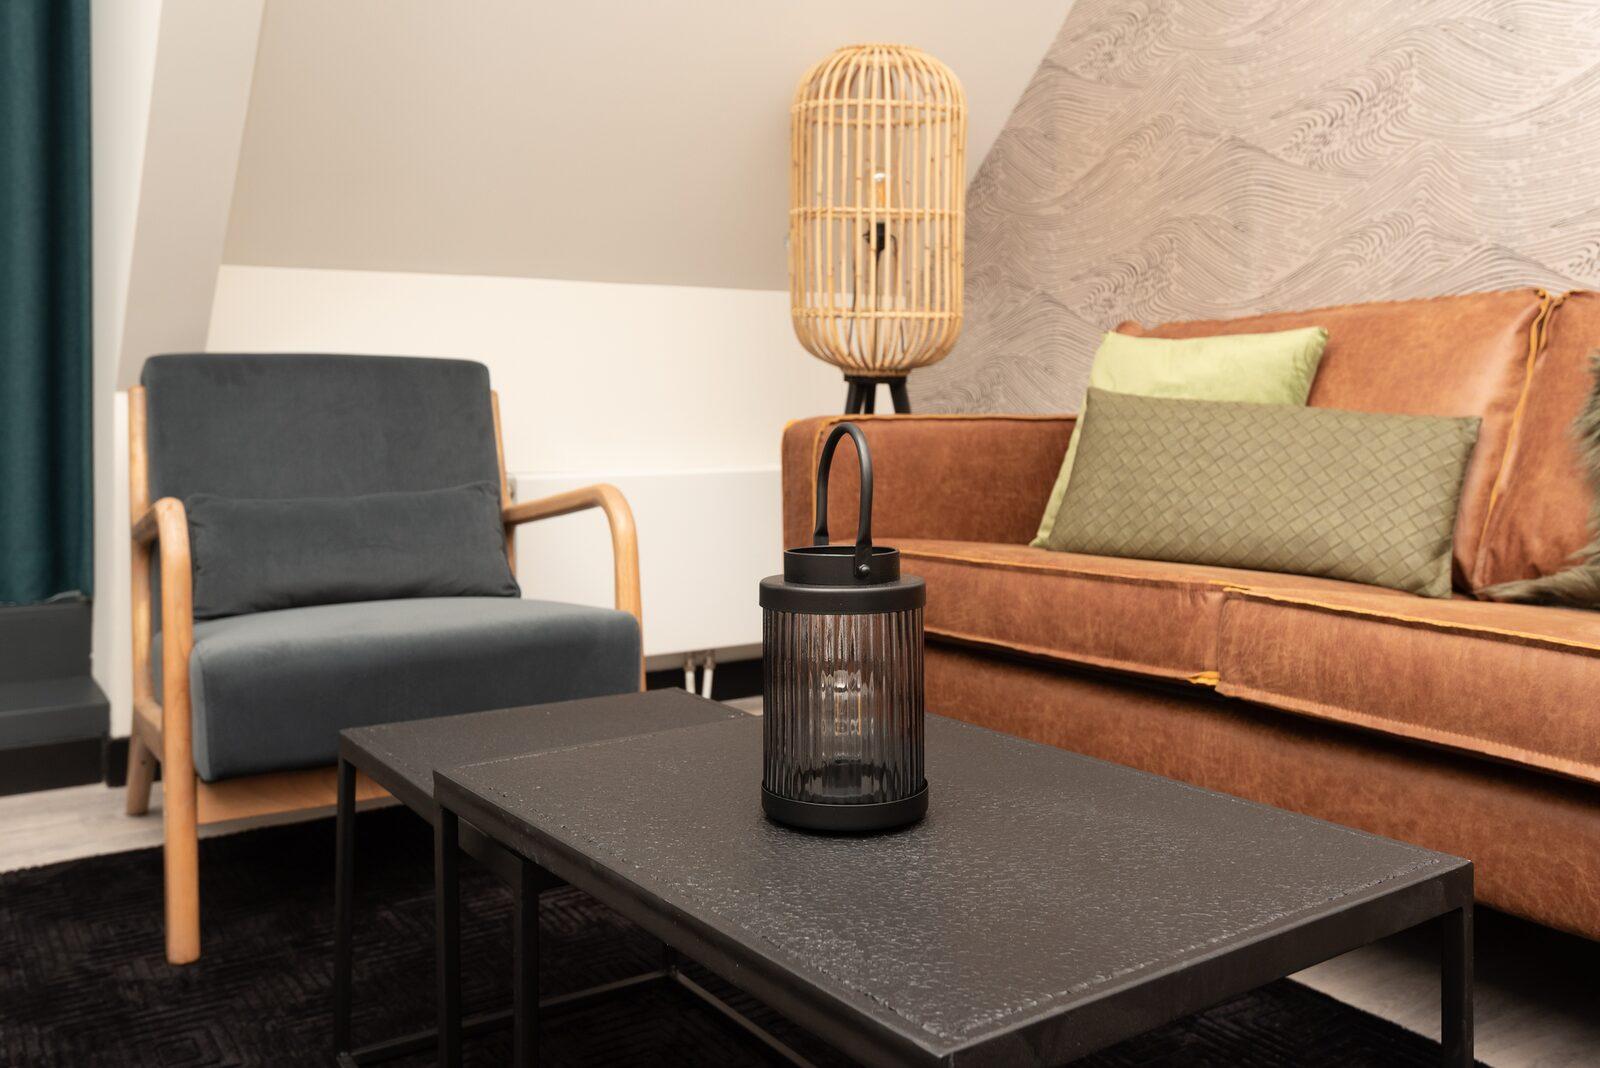 Luxe appartement - Jan van Renesseweg 1 | Renesse 'Bomont appartementen'